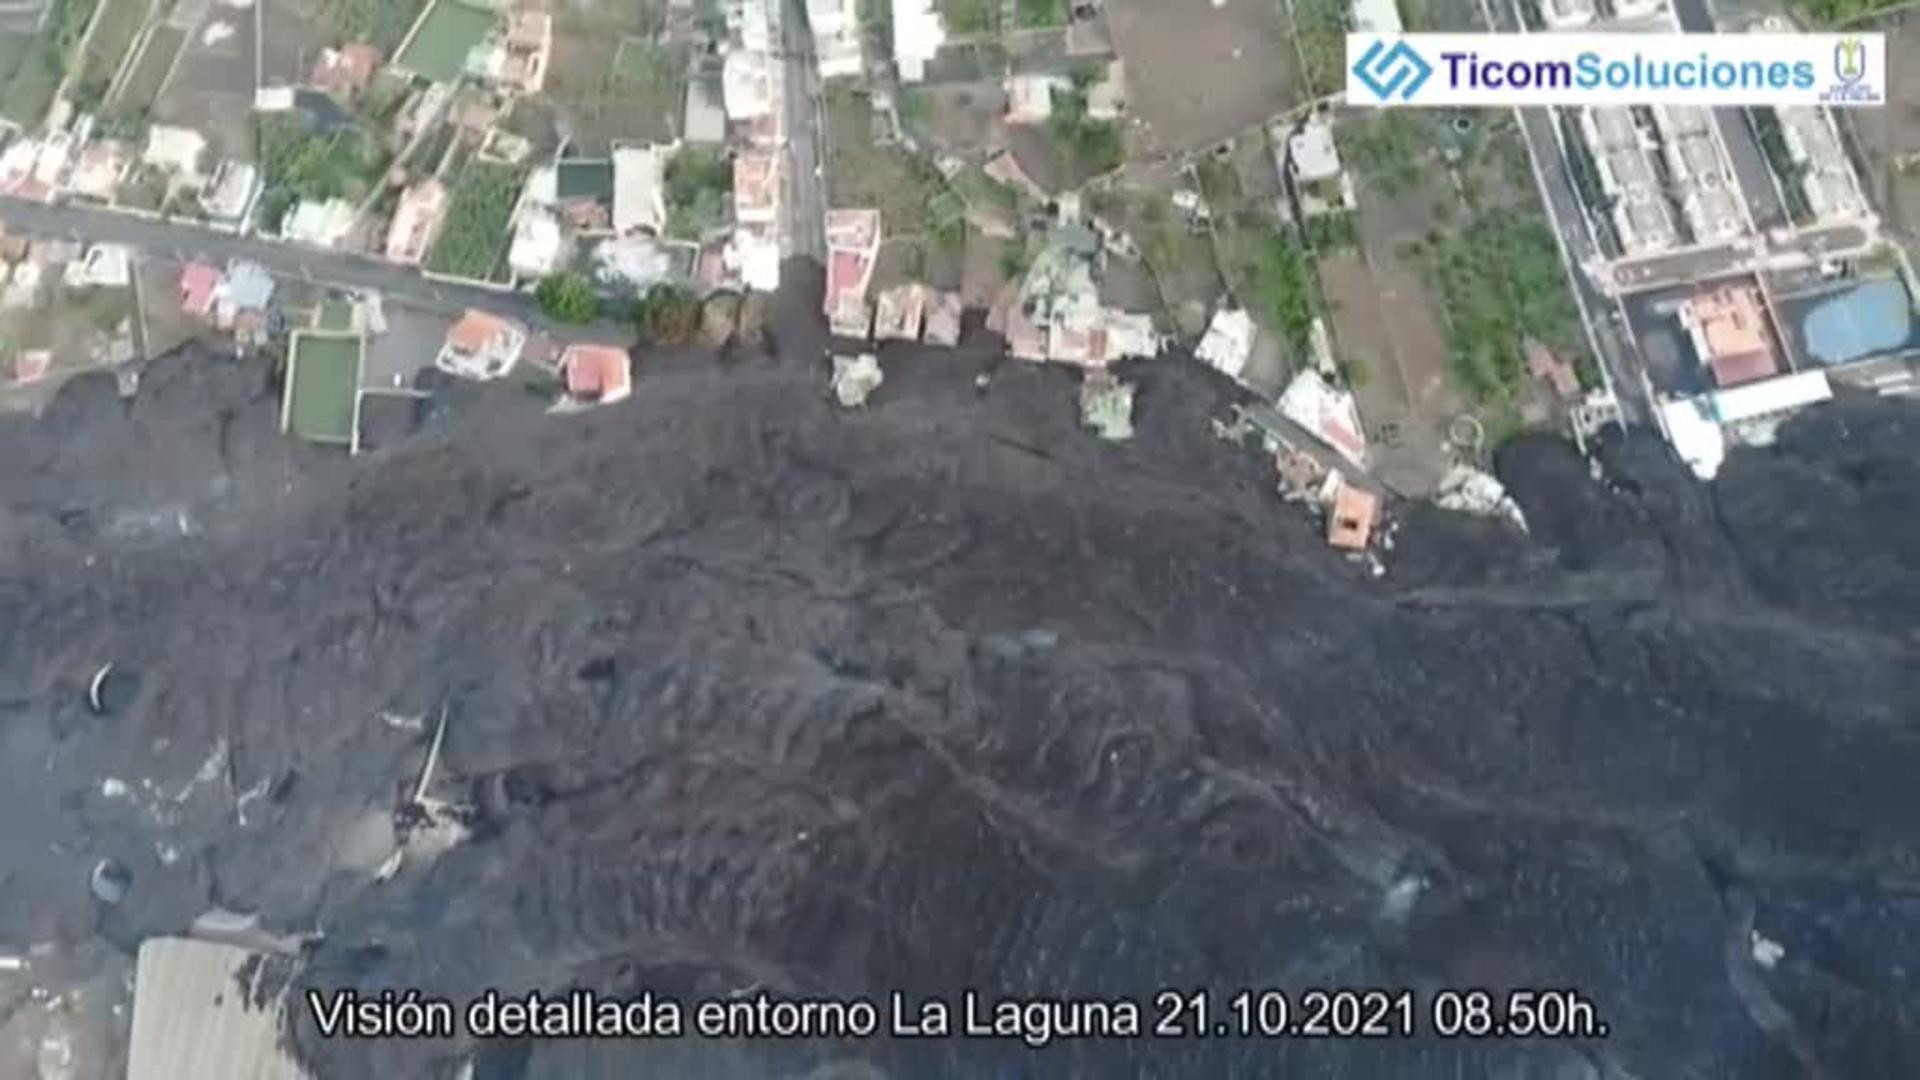 La colada que ha arrasado parte de La Laguna amenaza a otros barrios